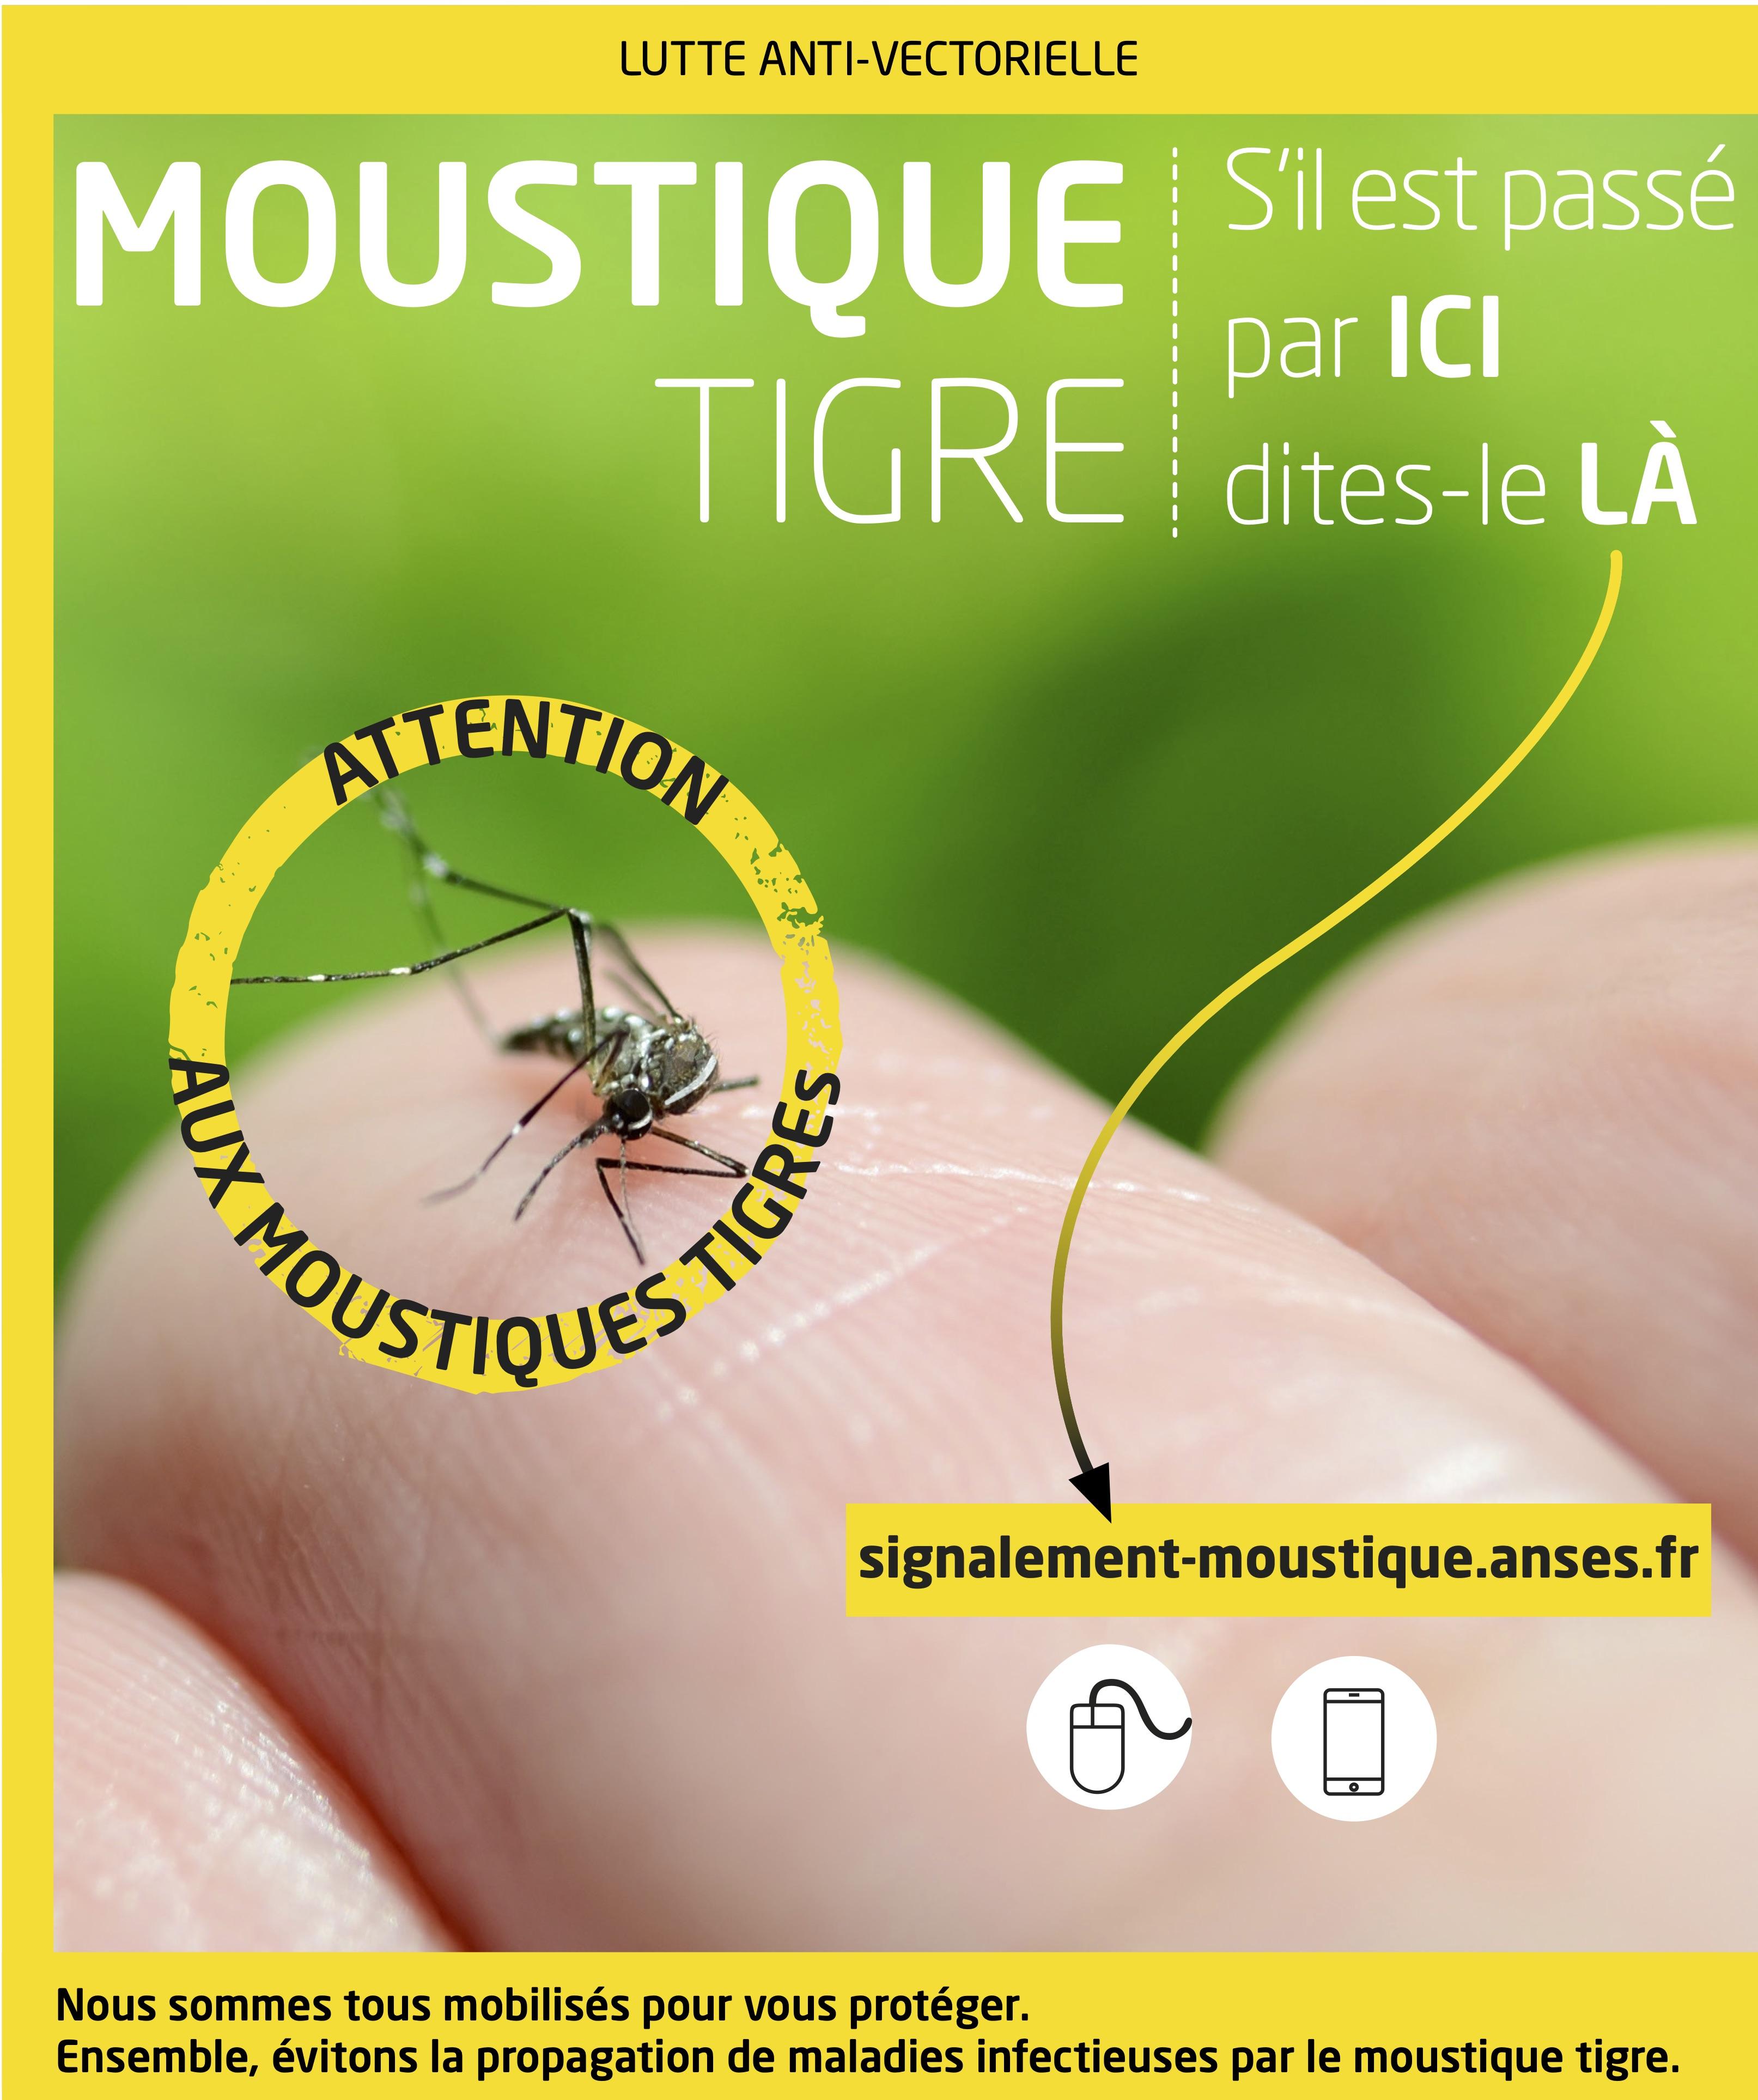 MoustiqueTigre_Signalement_A3.jpg